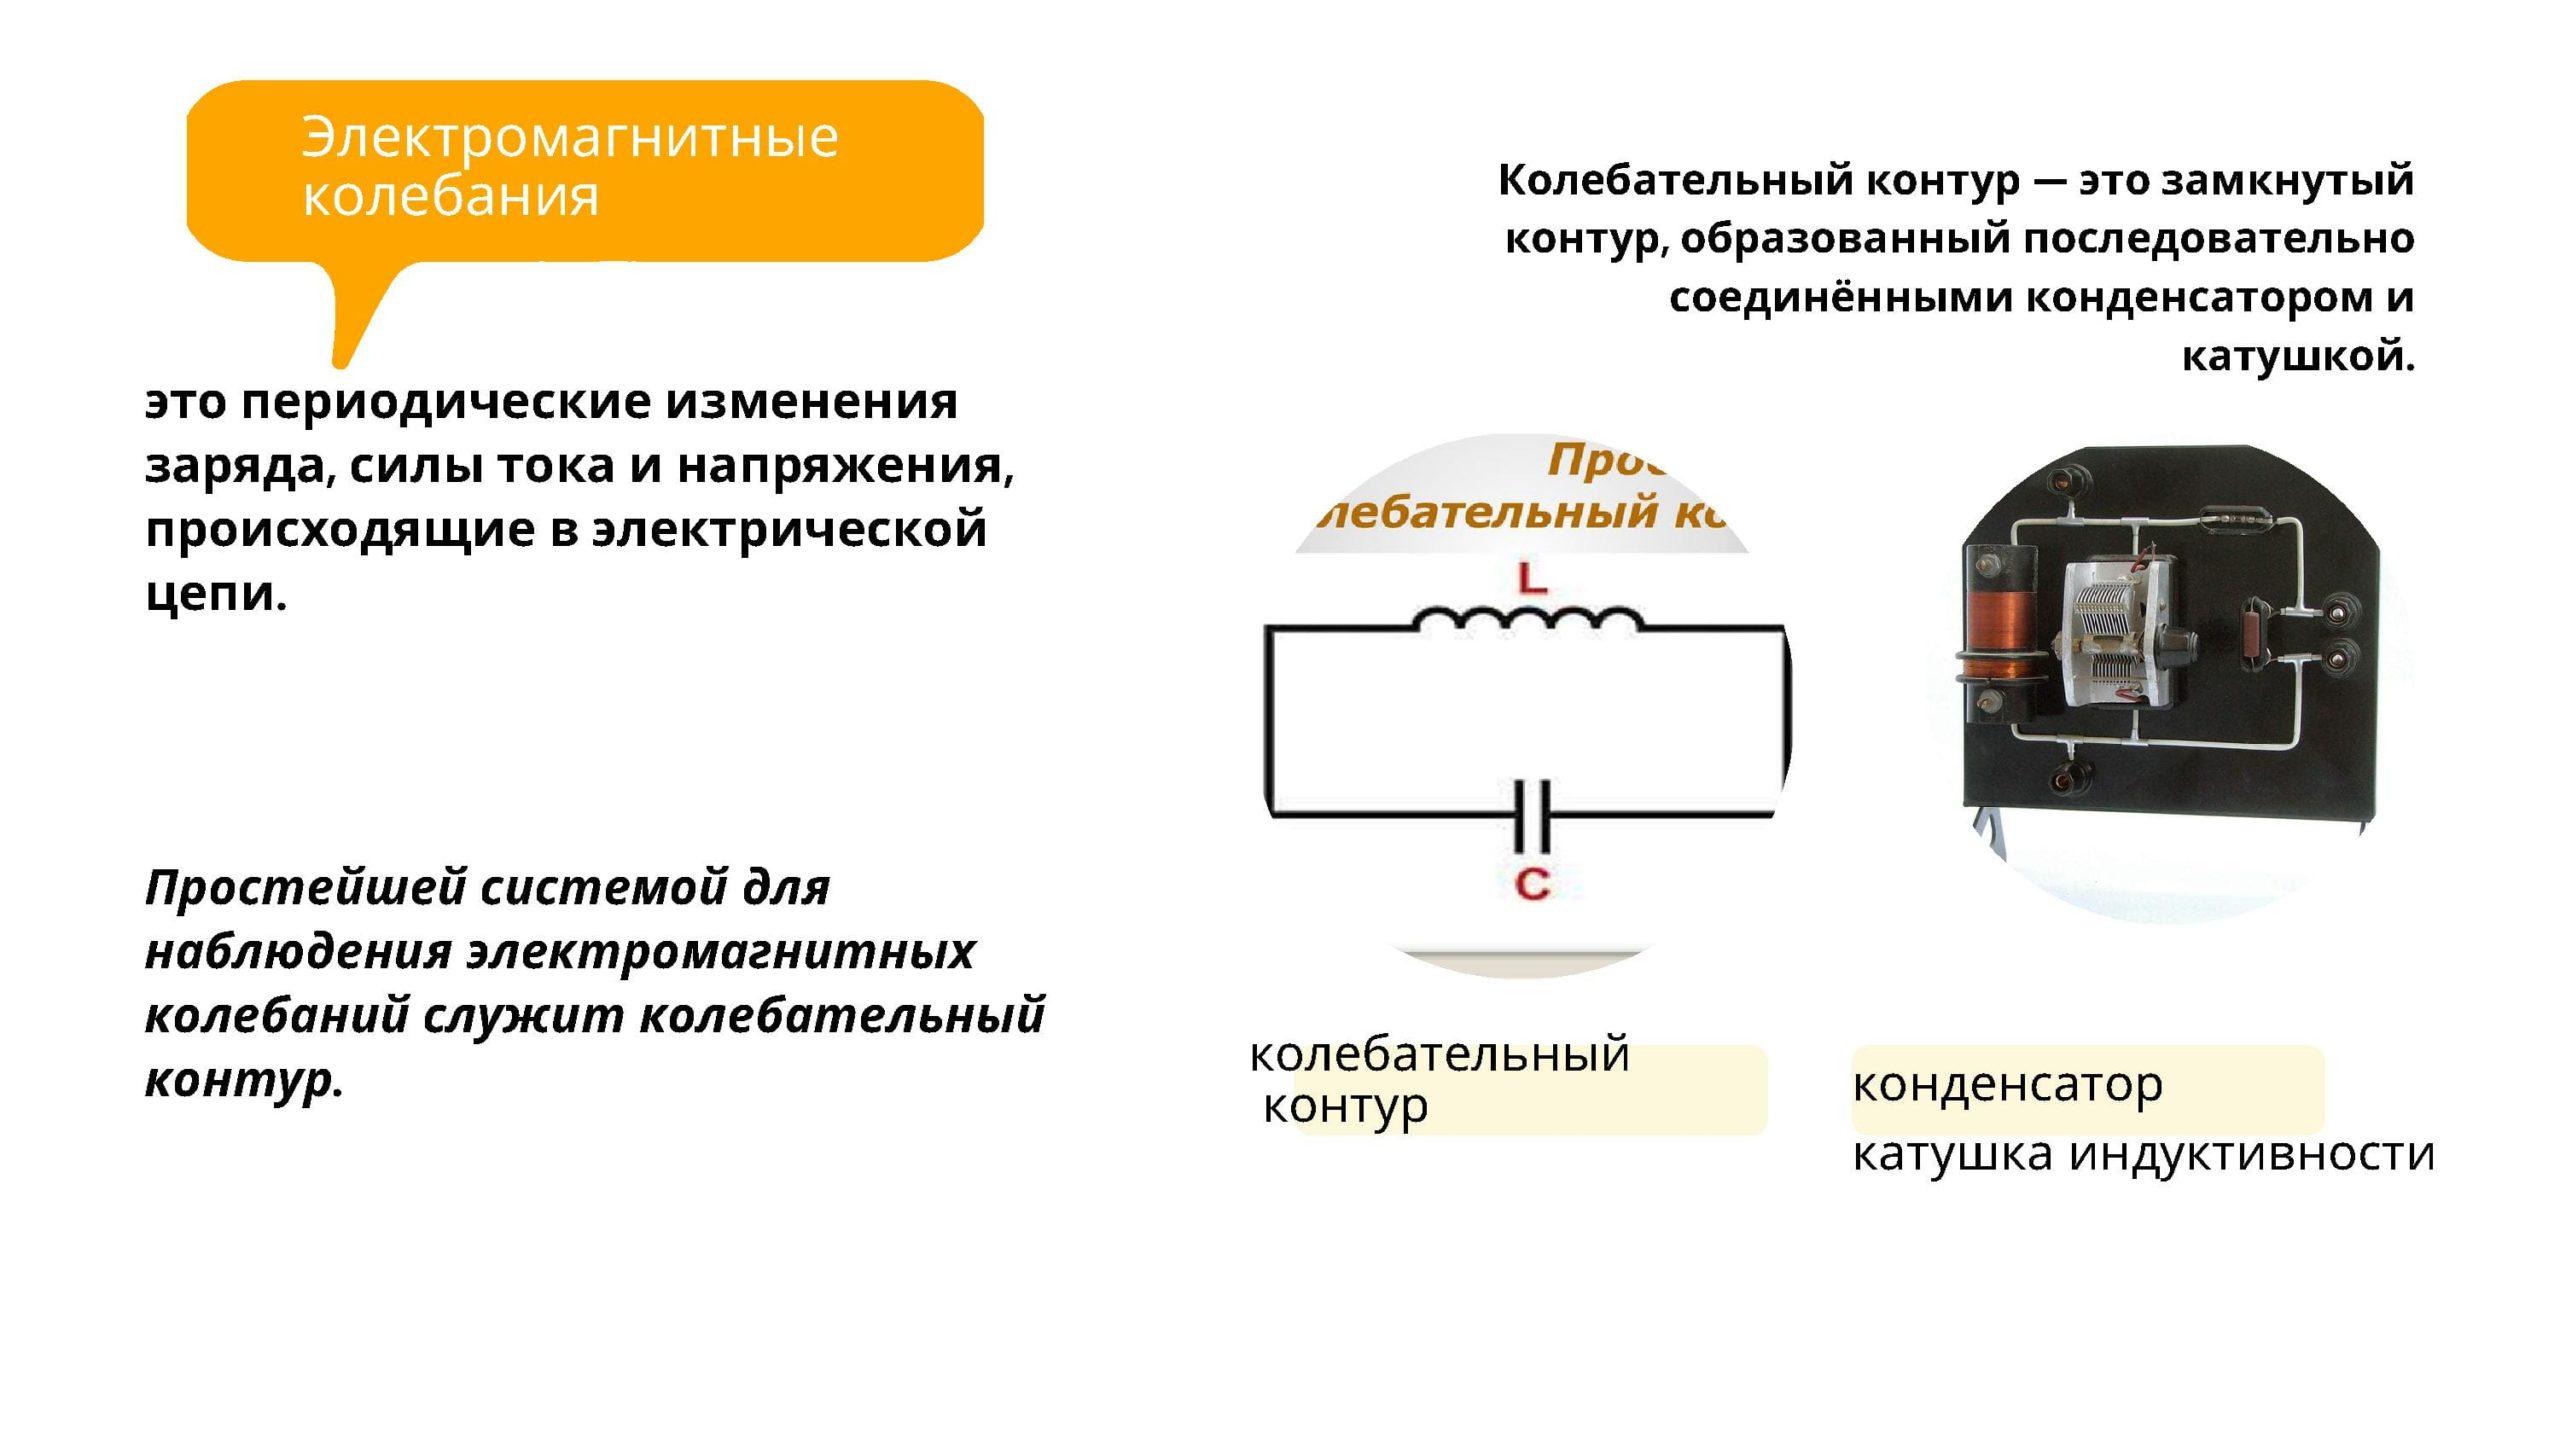 Электромагнитные колебания - это периодические изменения заряда